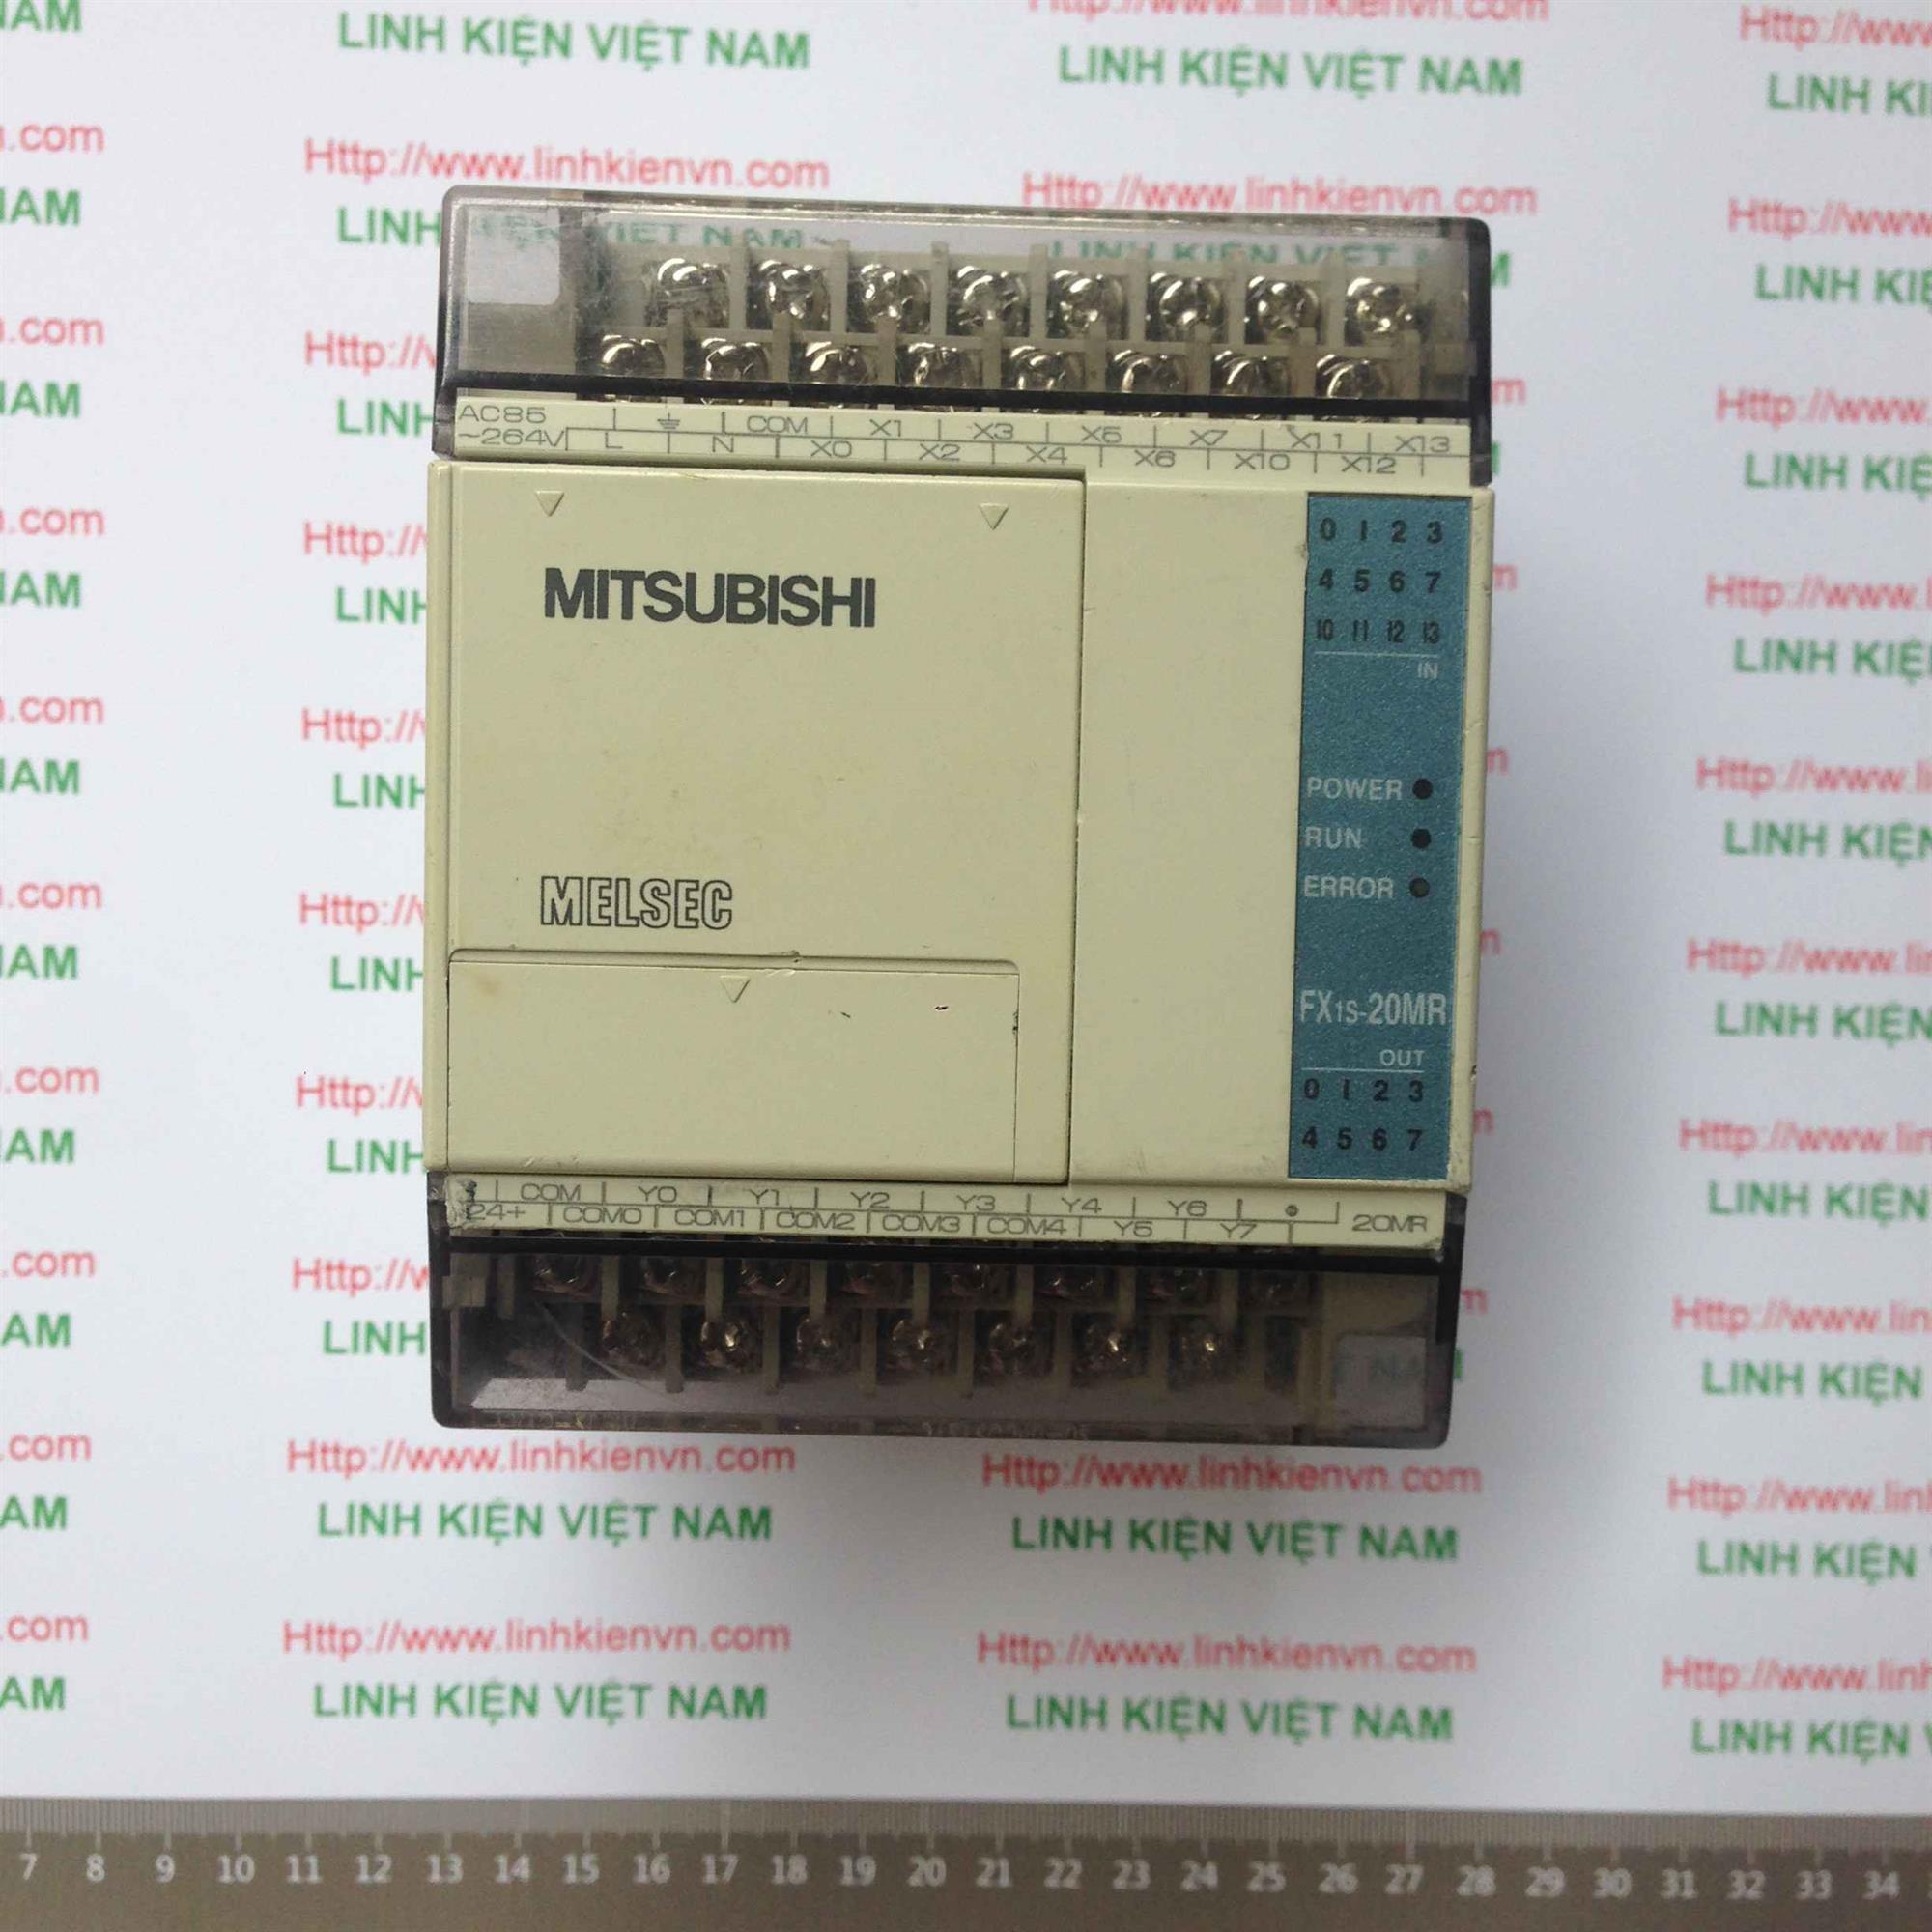 PLC FX1S-20MR FX1S20MR - KHO B